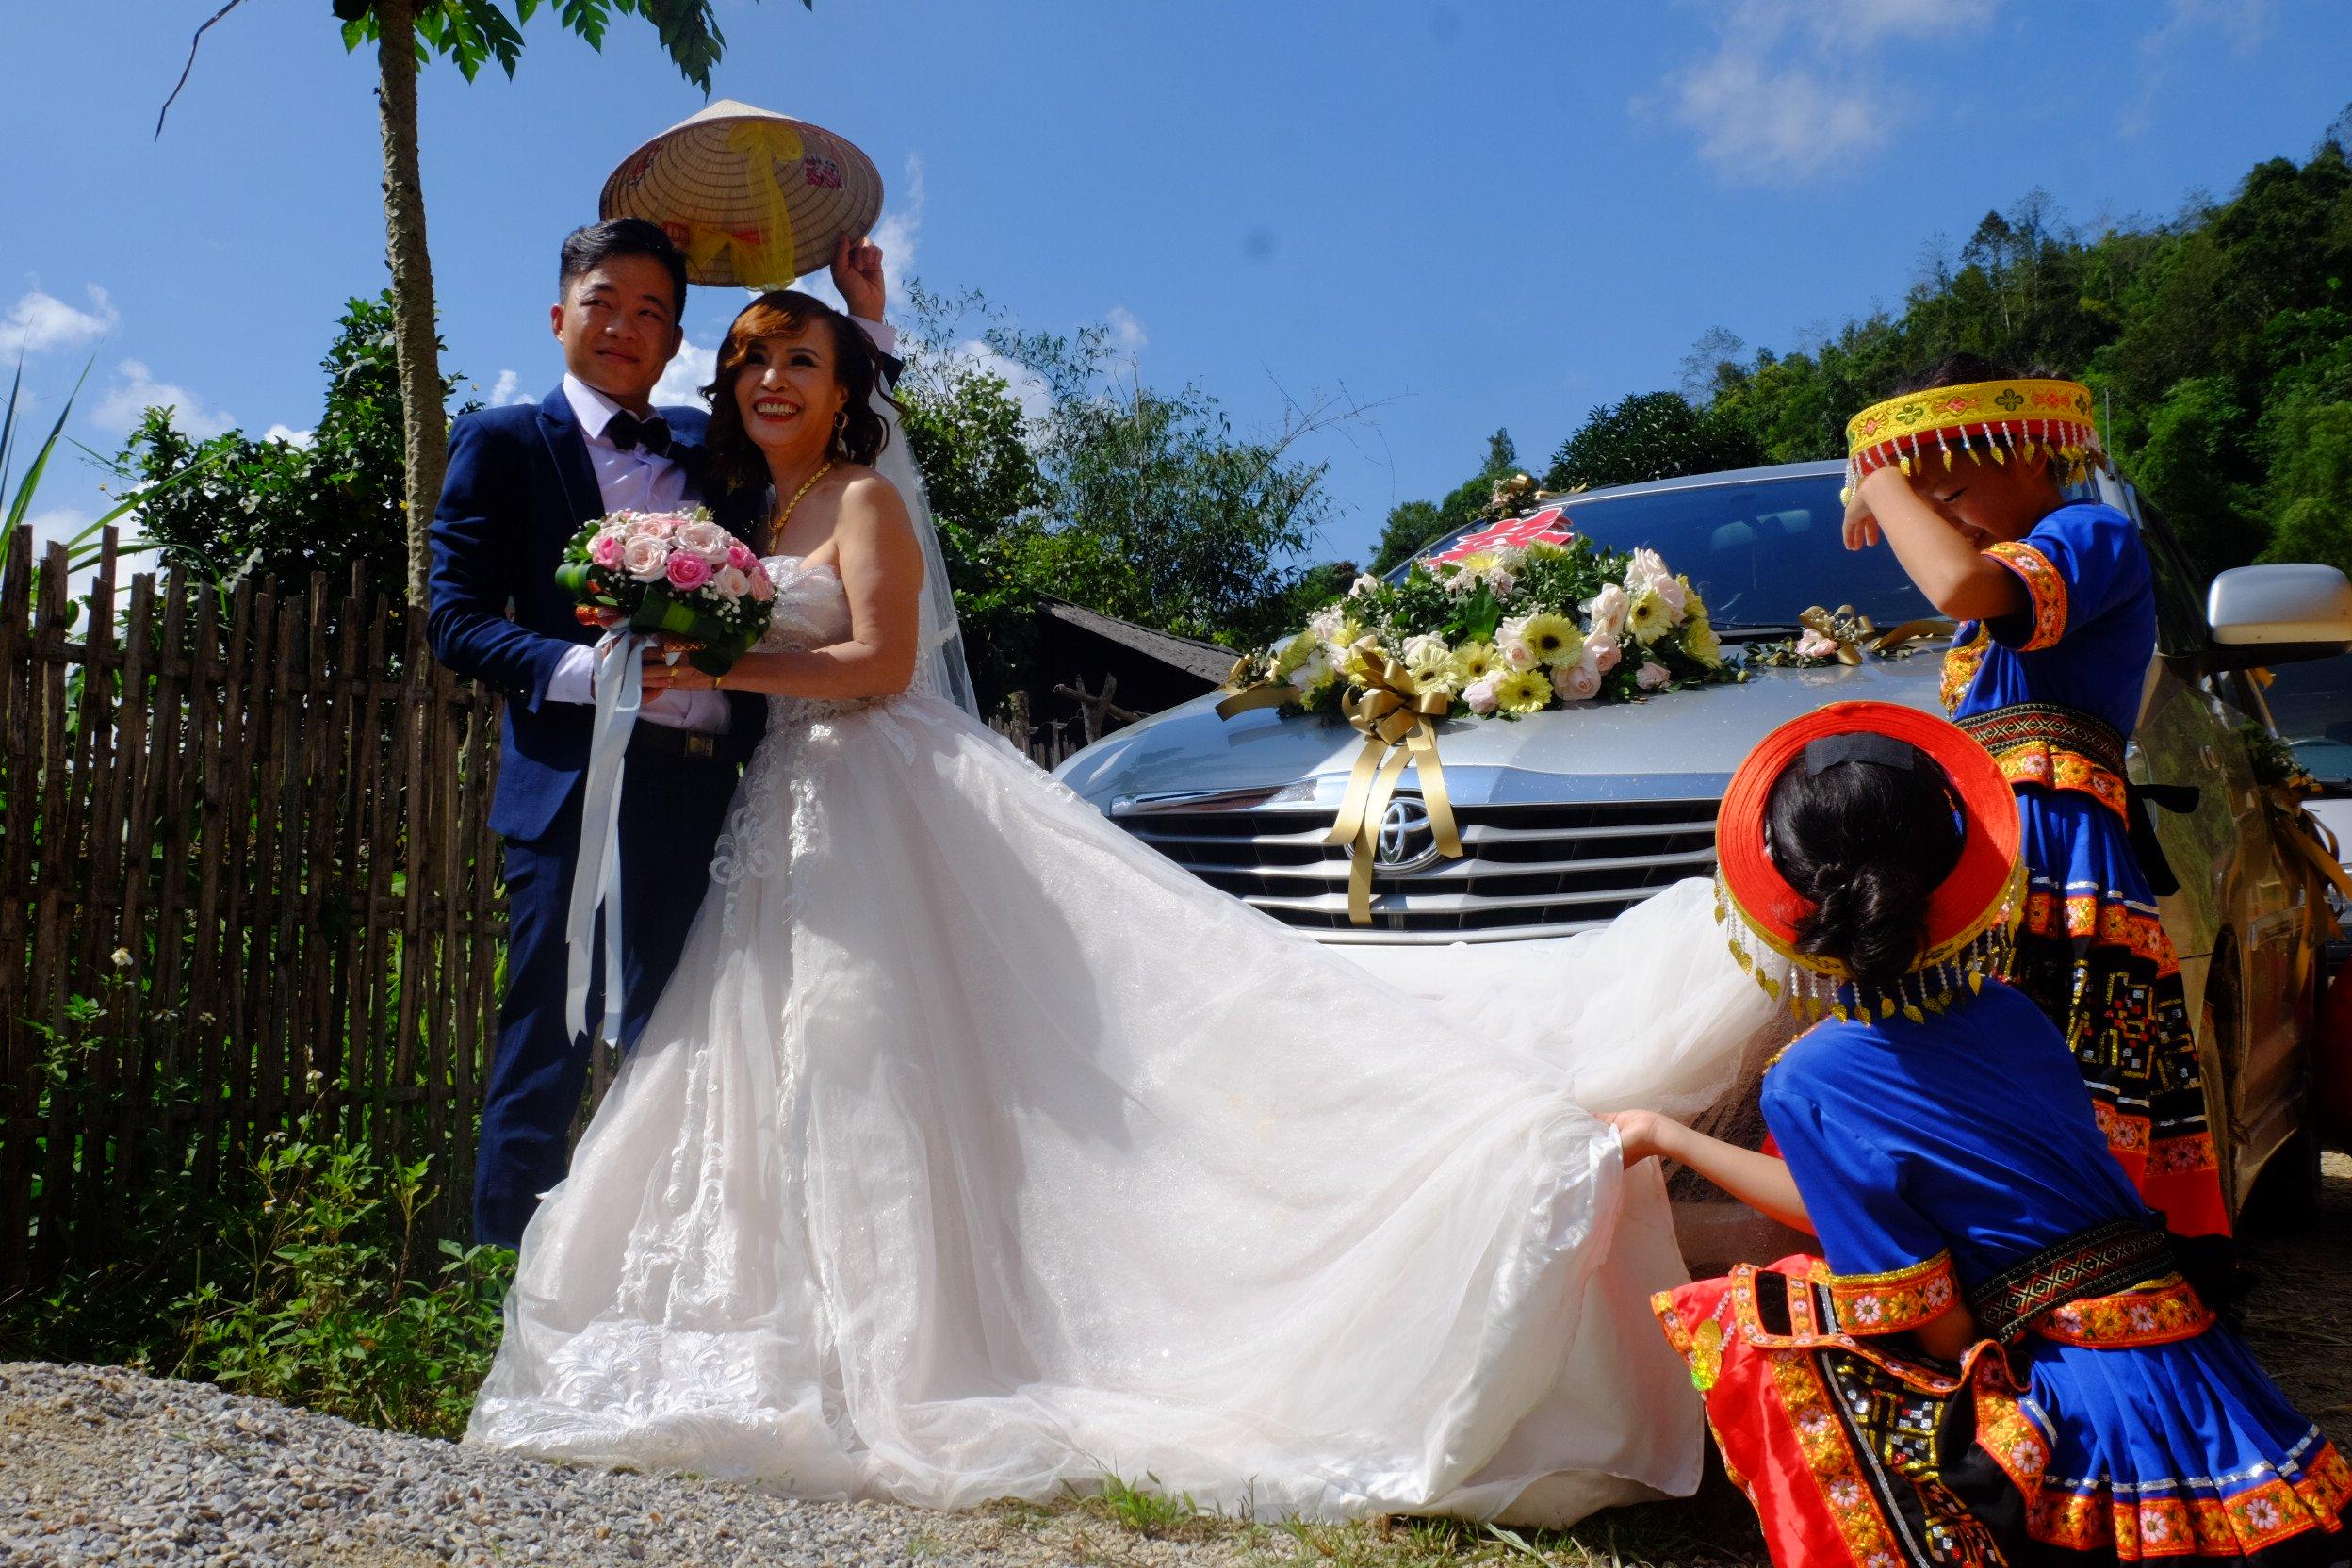 Cô dâu 62 tuổi mặc váy cưới, lội qua 3 con suối về nhà chồng trong niềm hân hoan Ảnh 3